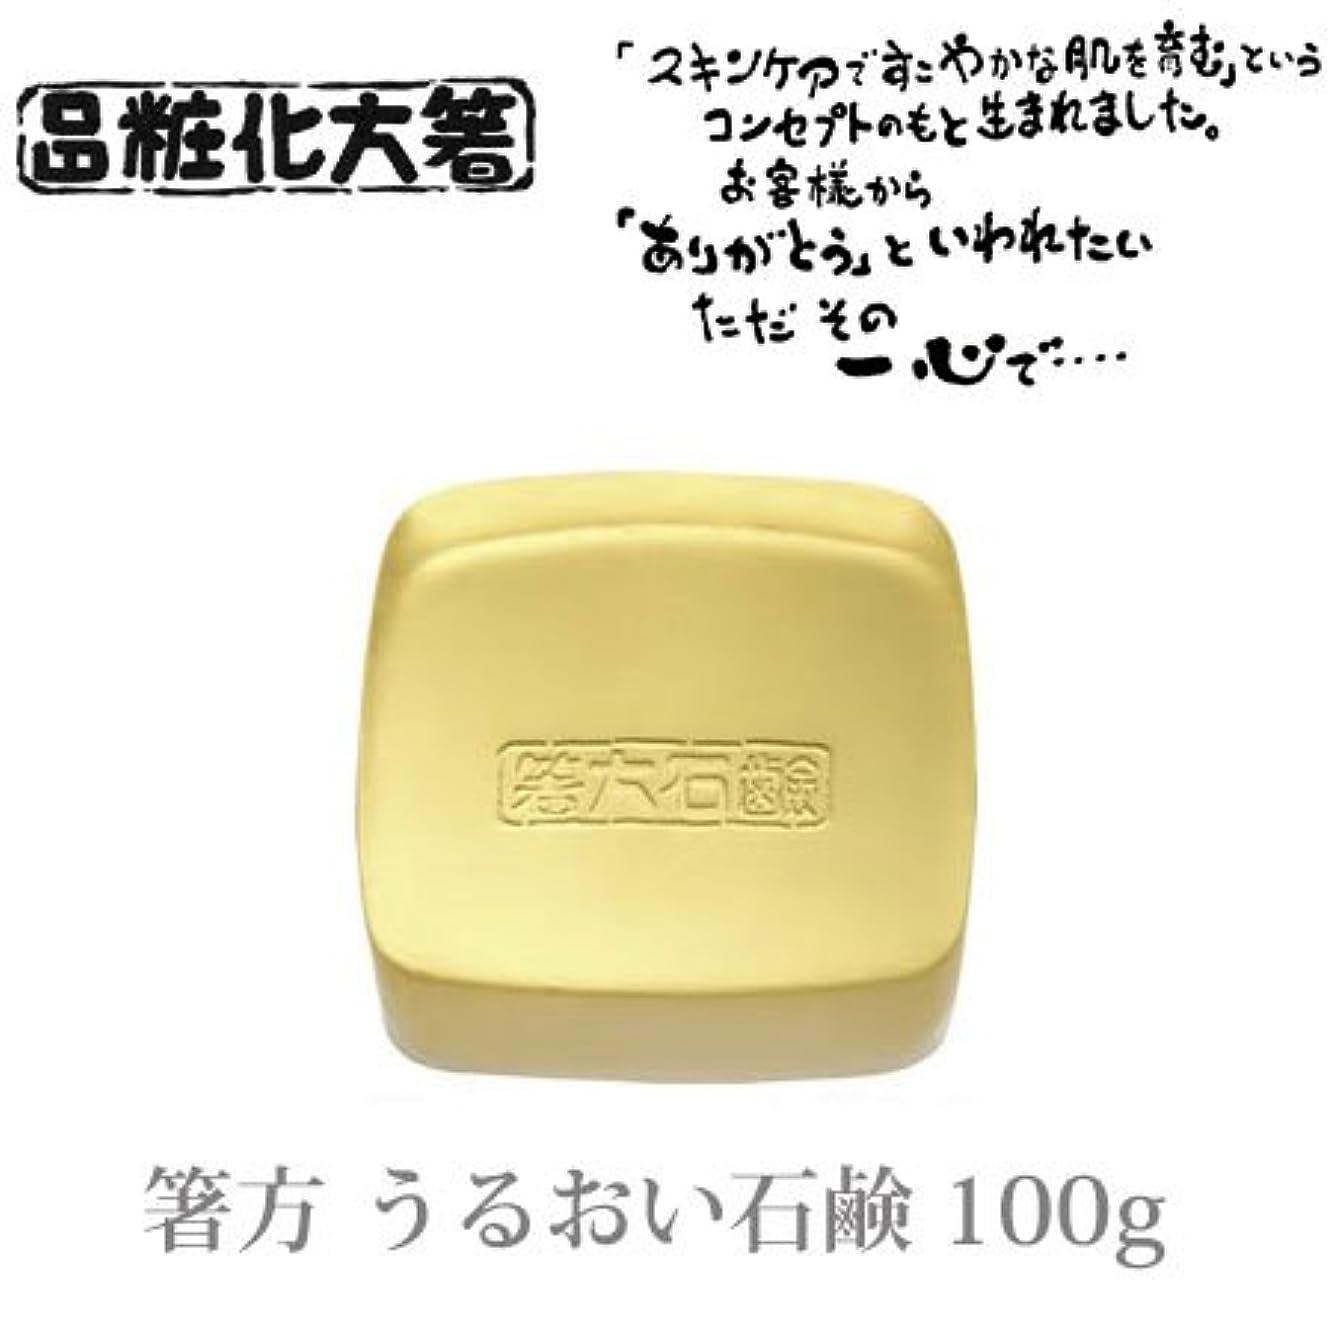 バングラデシュ模索スペード箸方化粧品 うるおい石鹸 100g はしかた化粧品